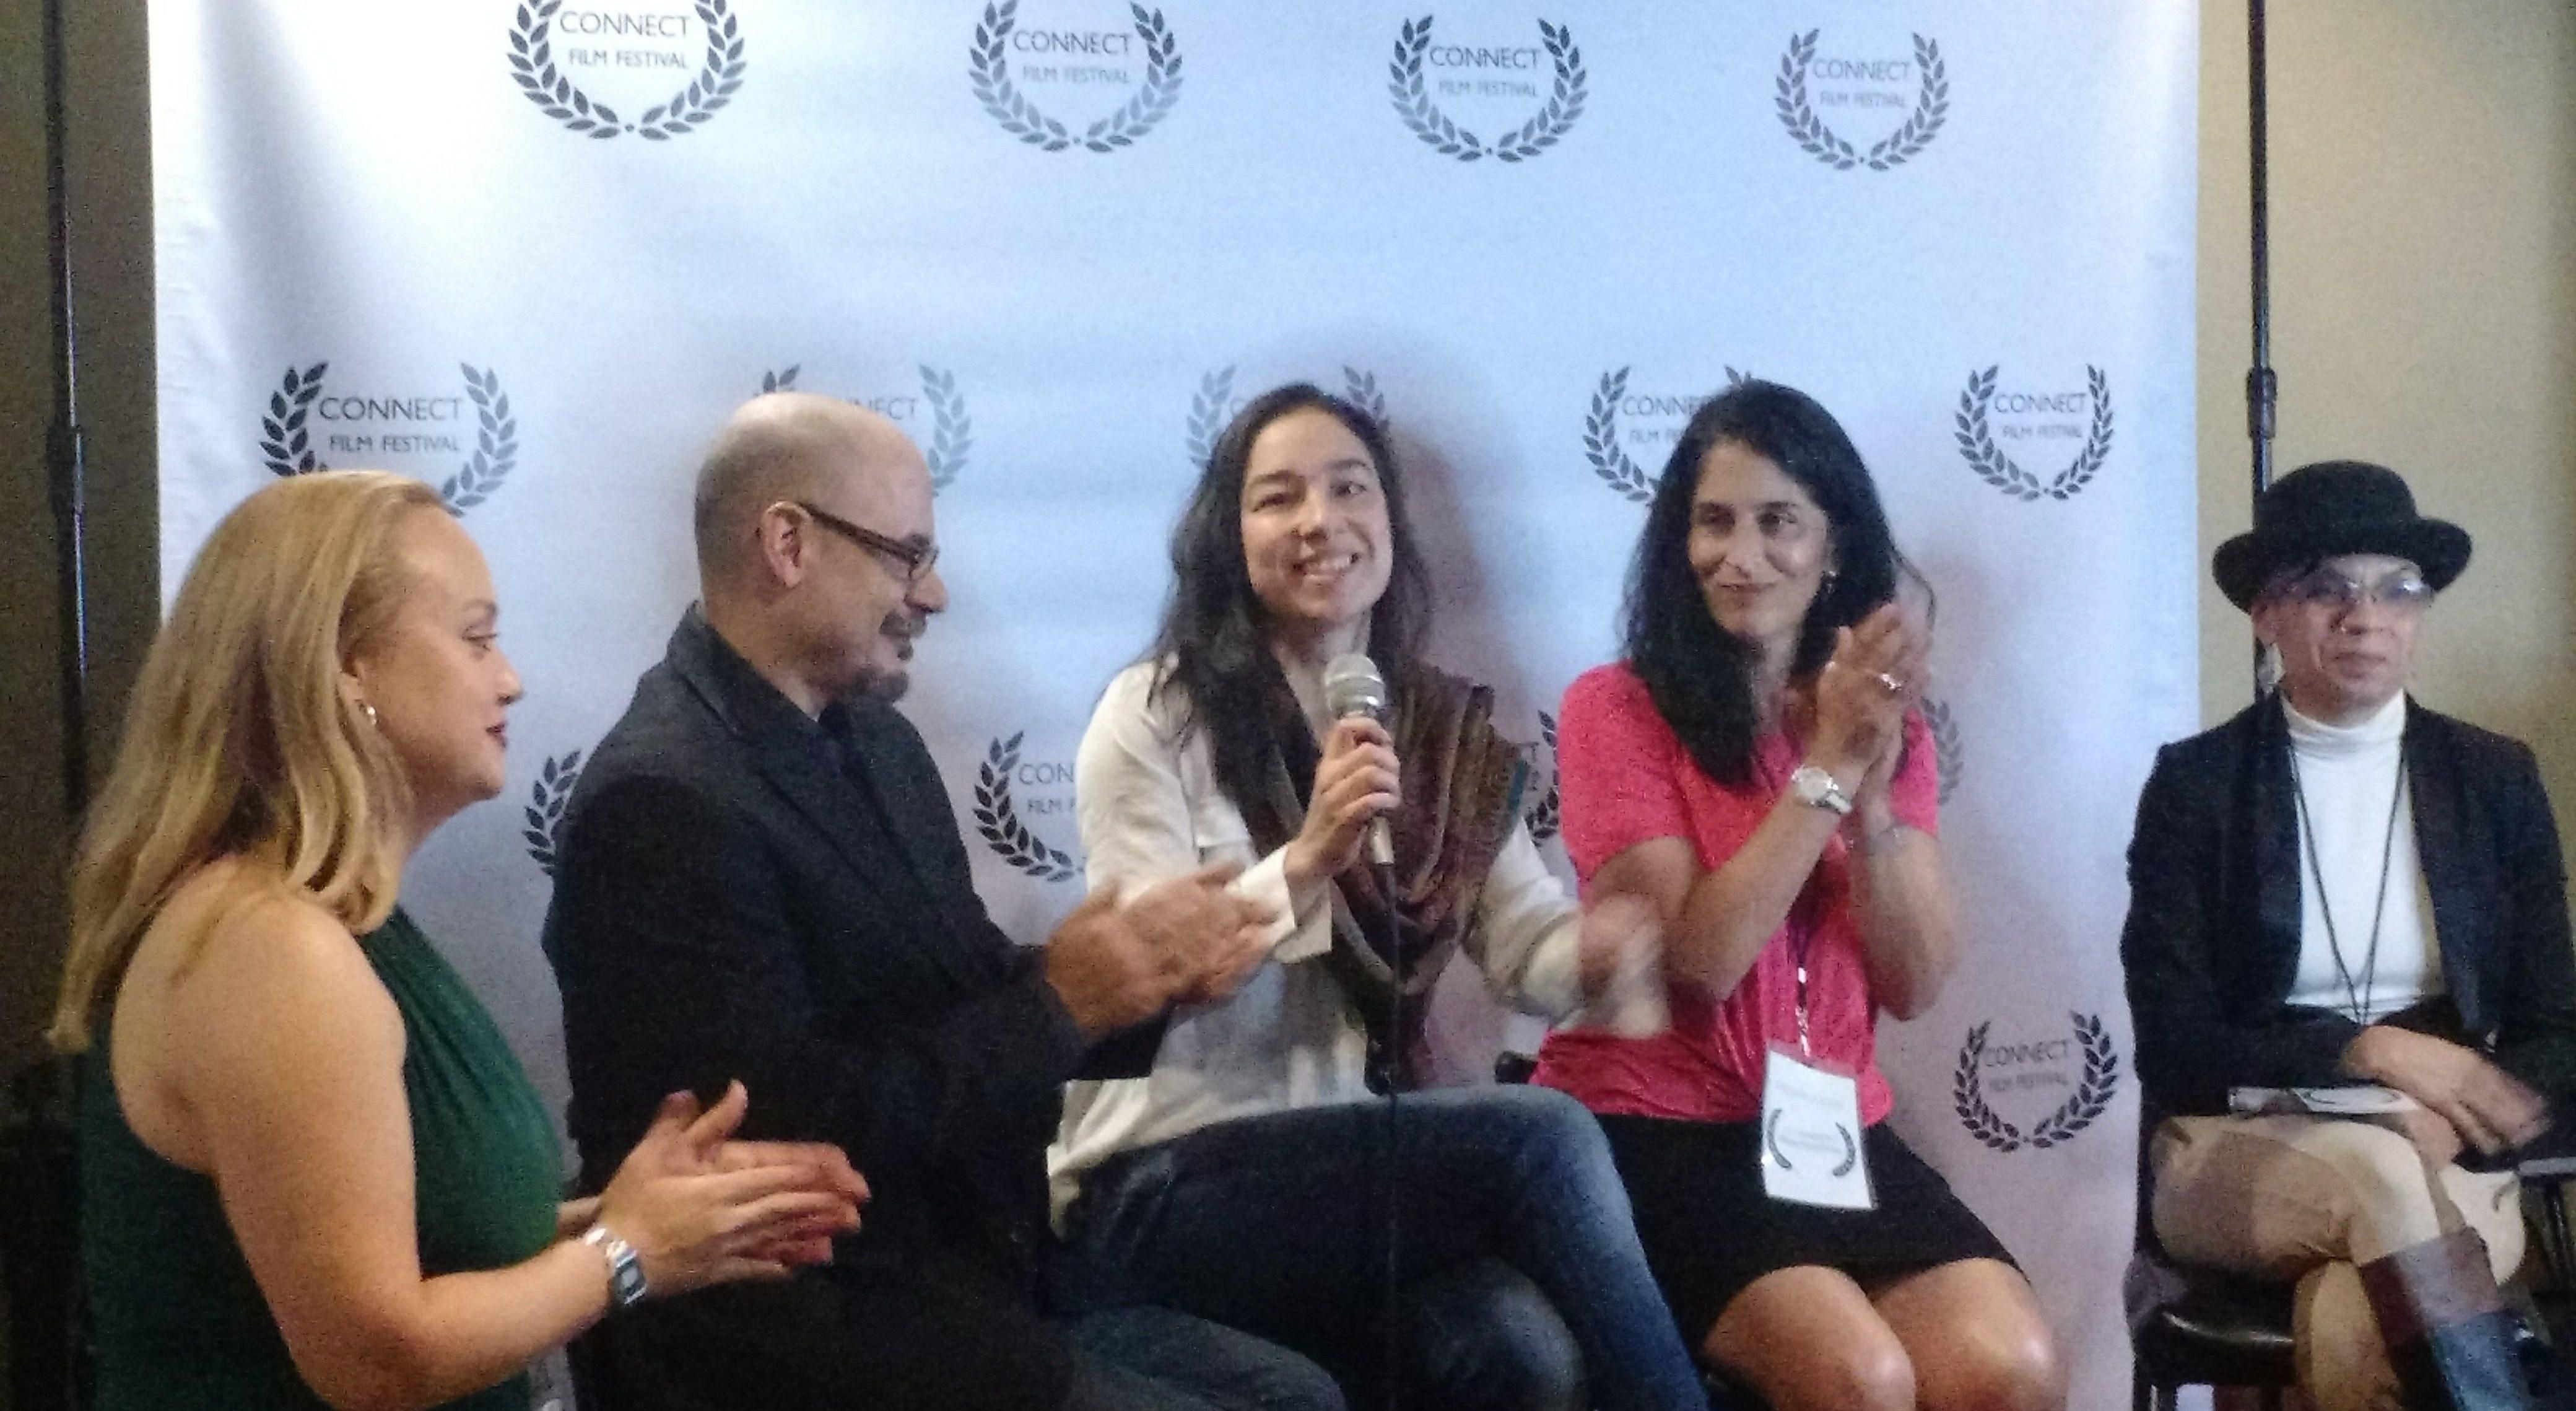 la-connect-film-festival-panel1-e1514429298179.jpg